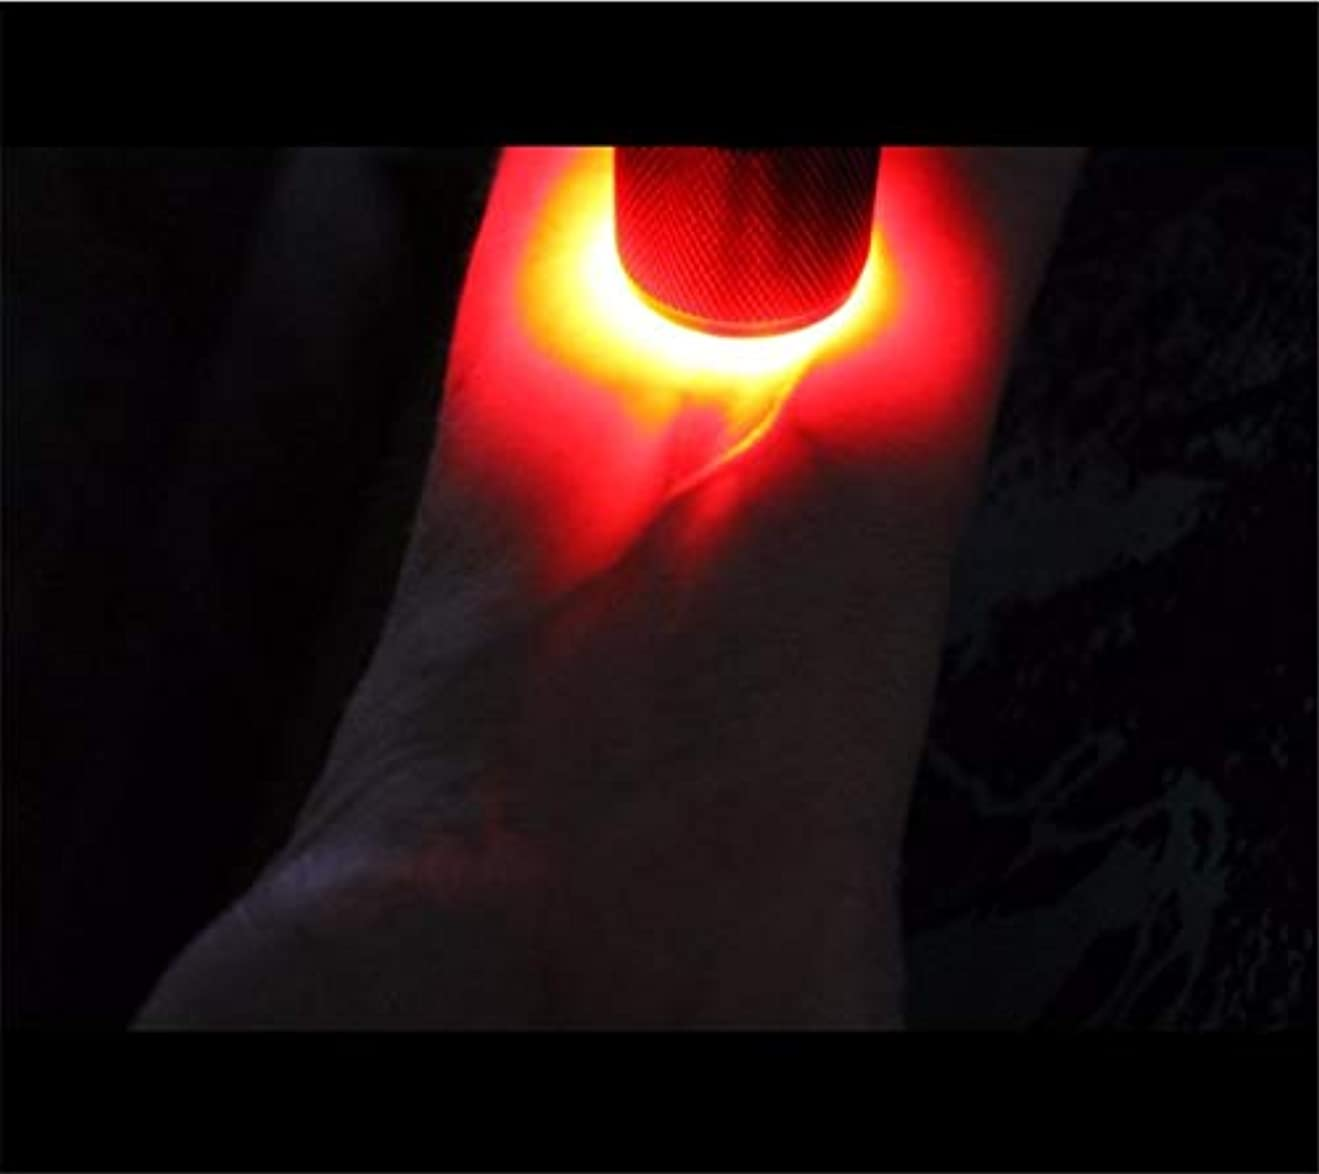 原点底アシスタント静脈イメージング懐中電灯血管ディスプレイ懐中電灯手穿刺による血管ライトの確認皮下静脈デバイスの発見が容易